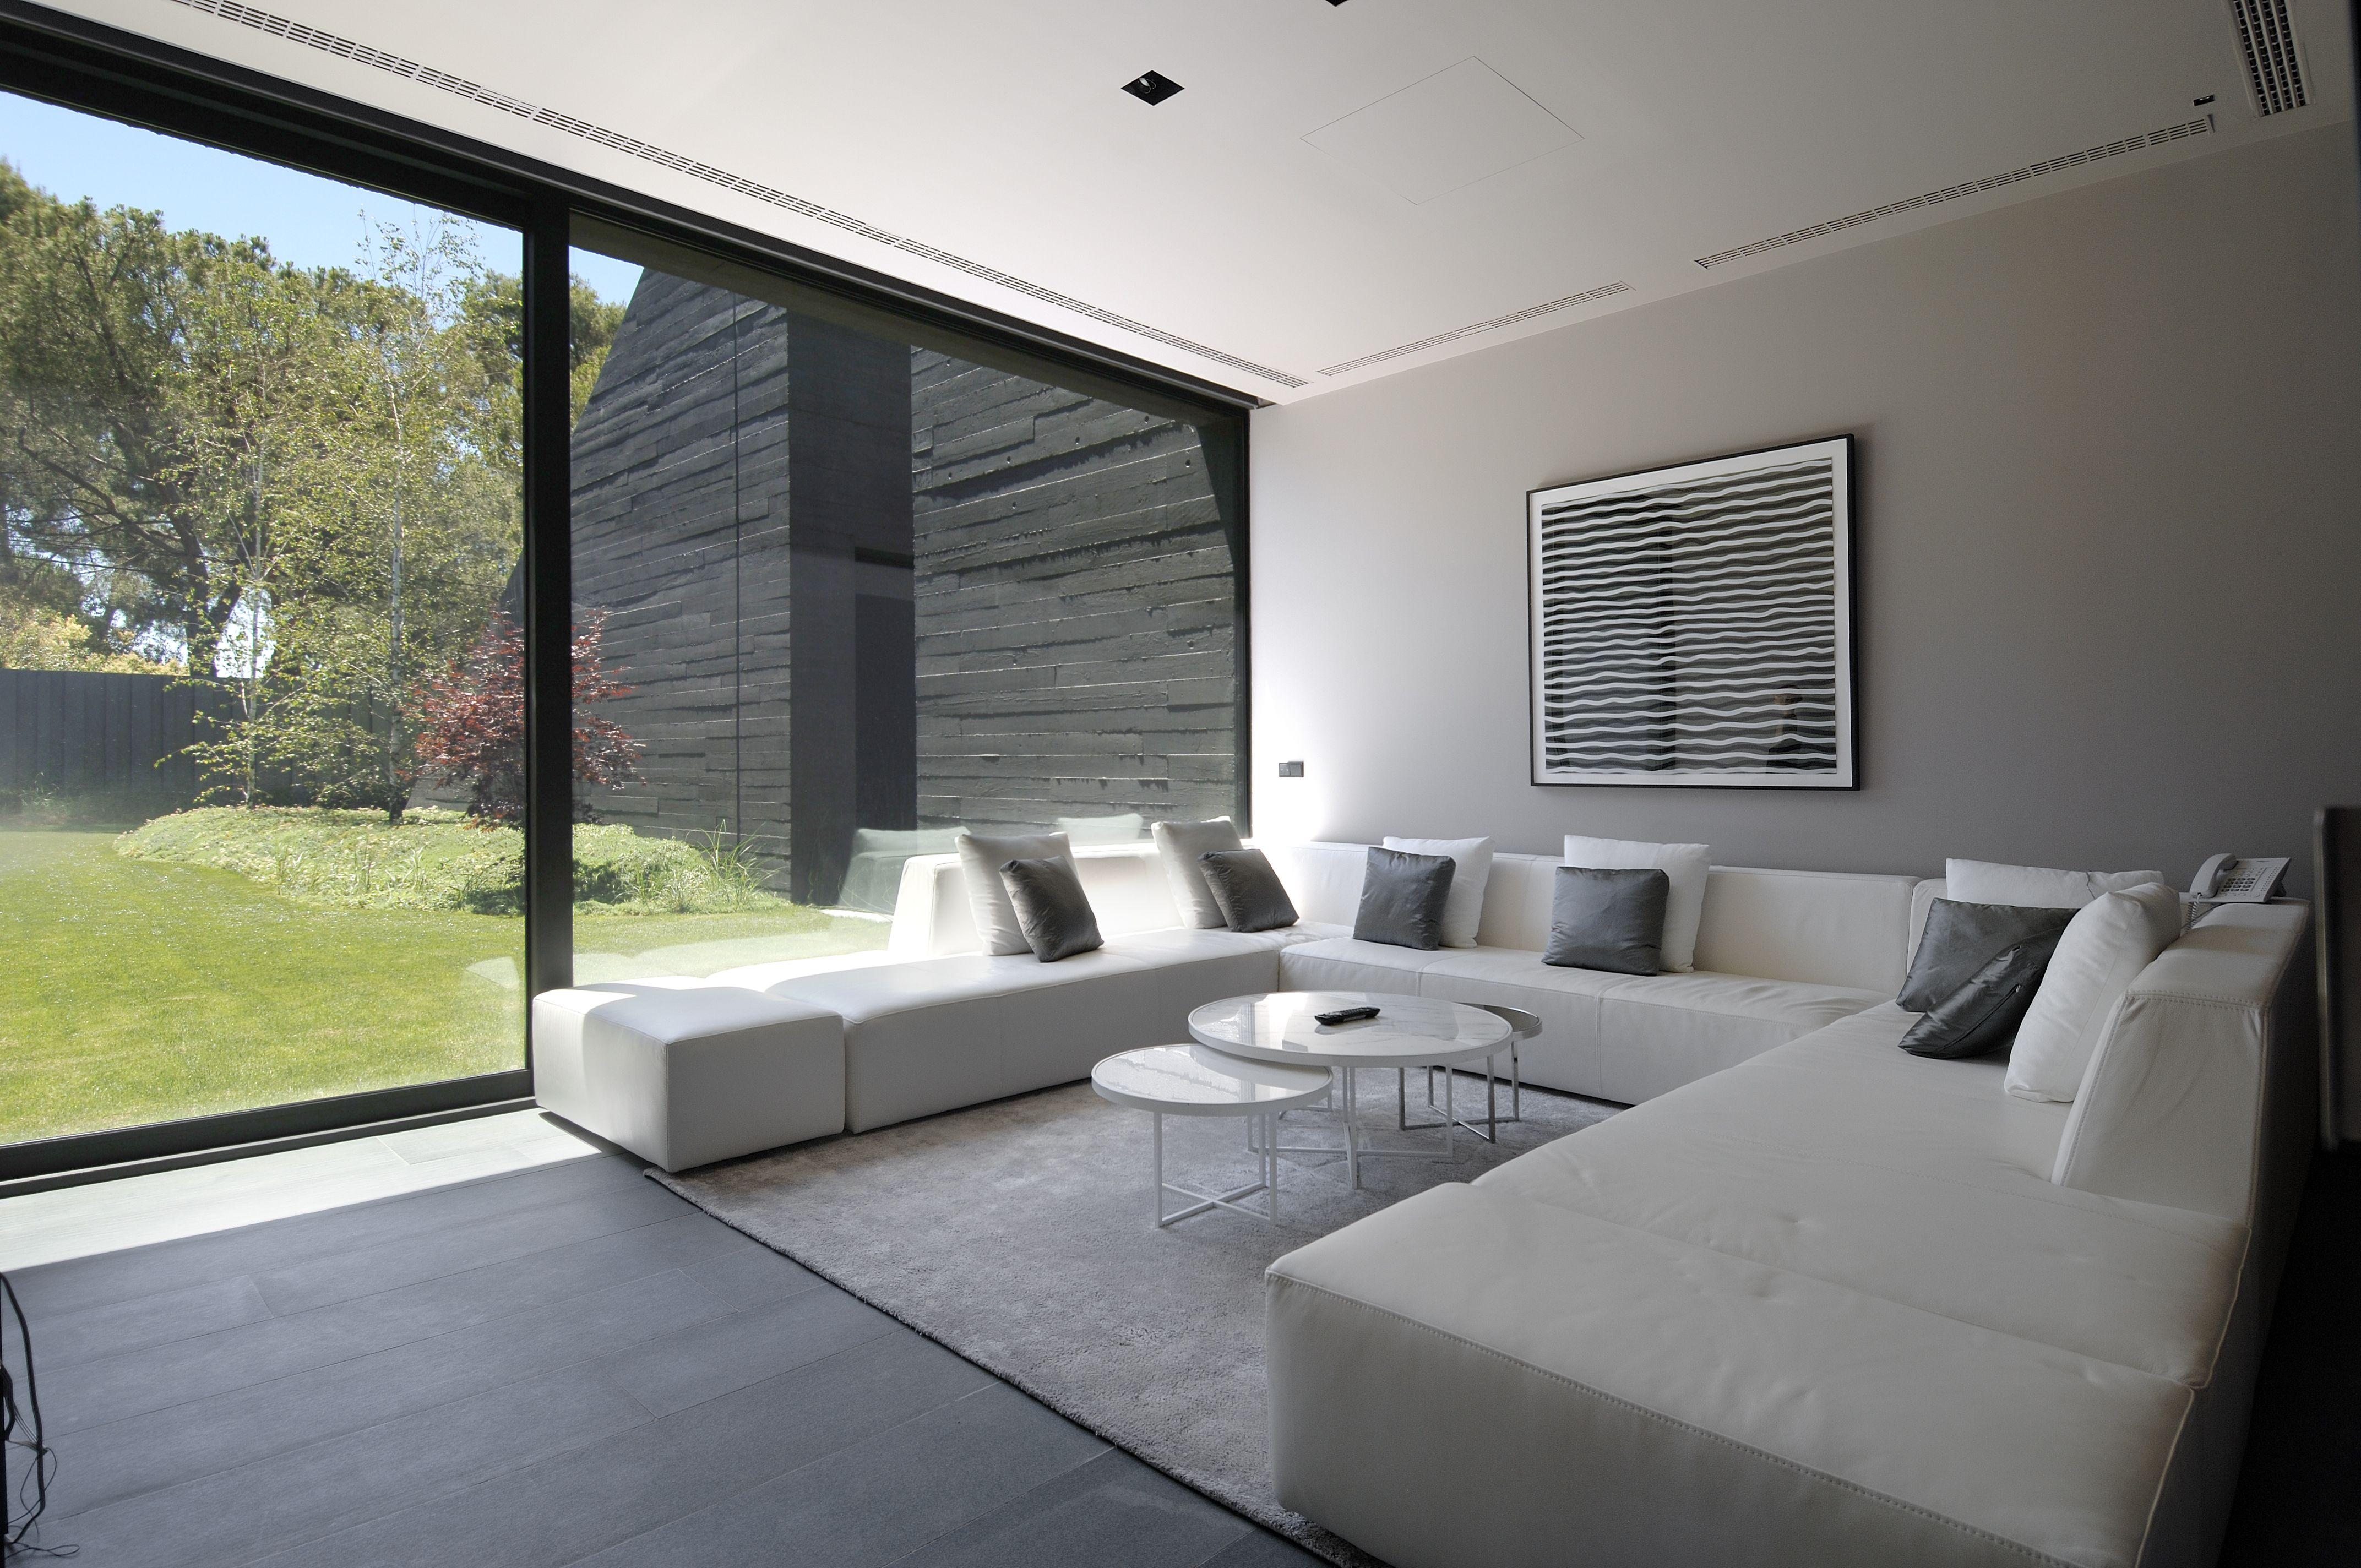 La vivienda cuenta con varios salones en los que el espacio y la luz ...